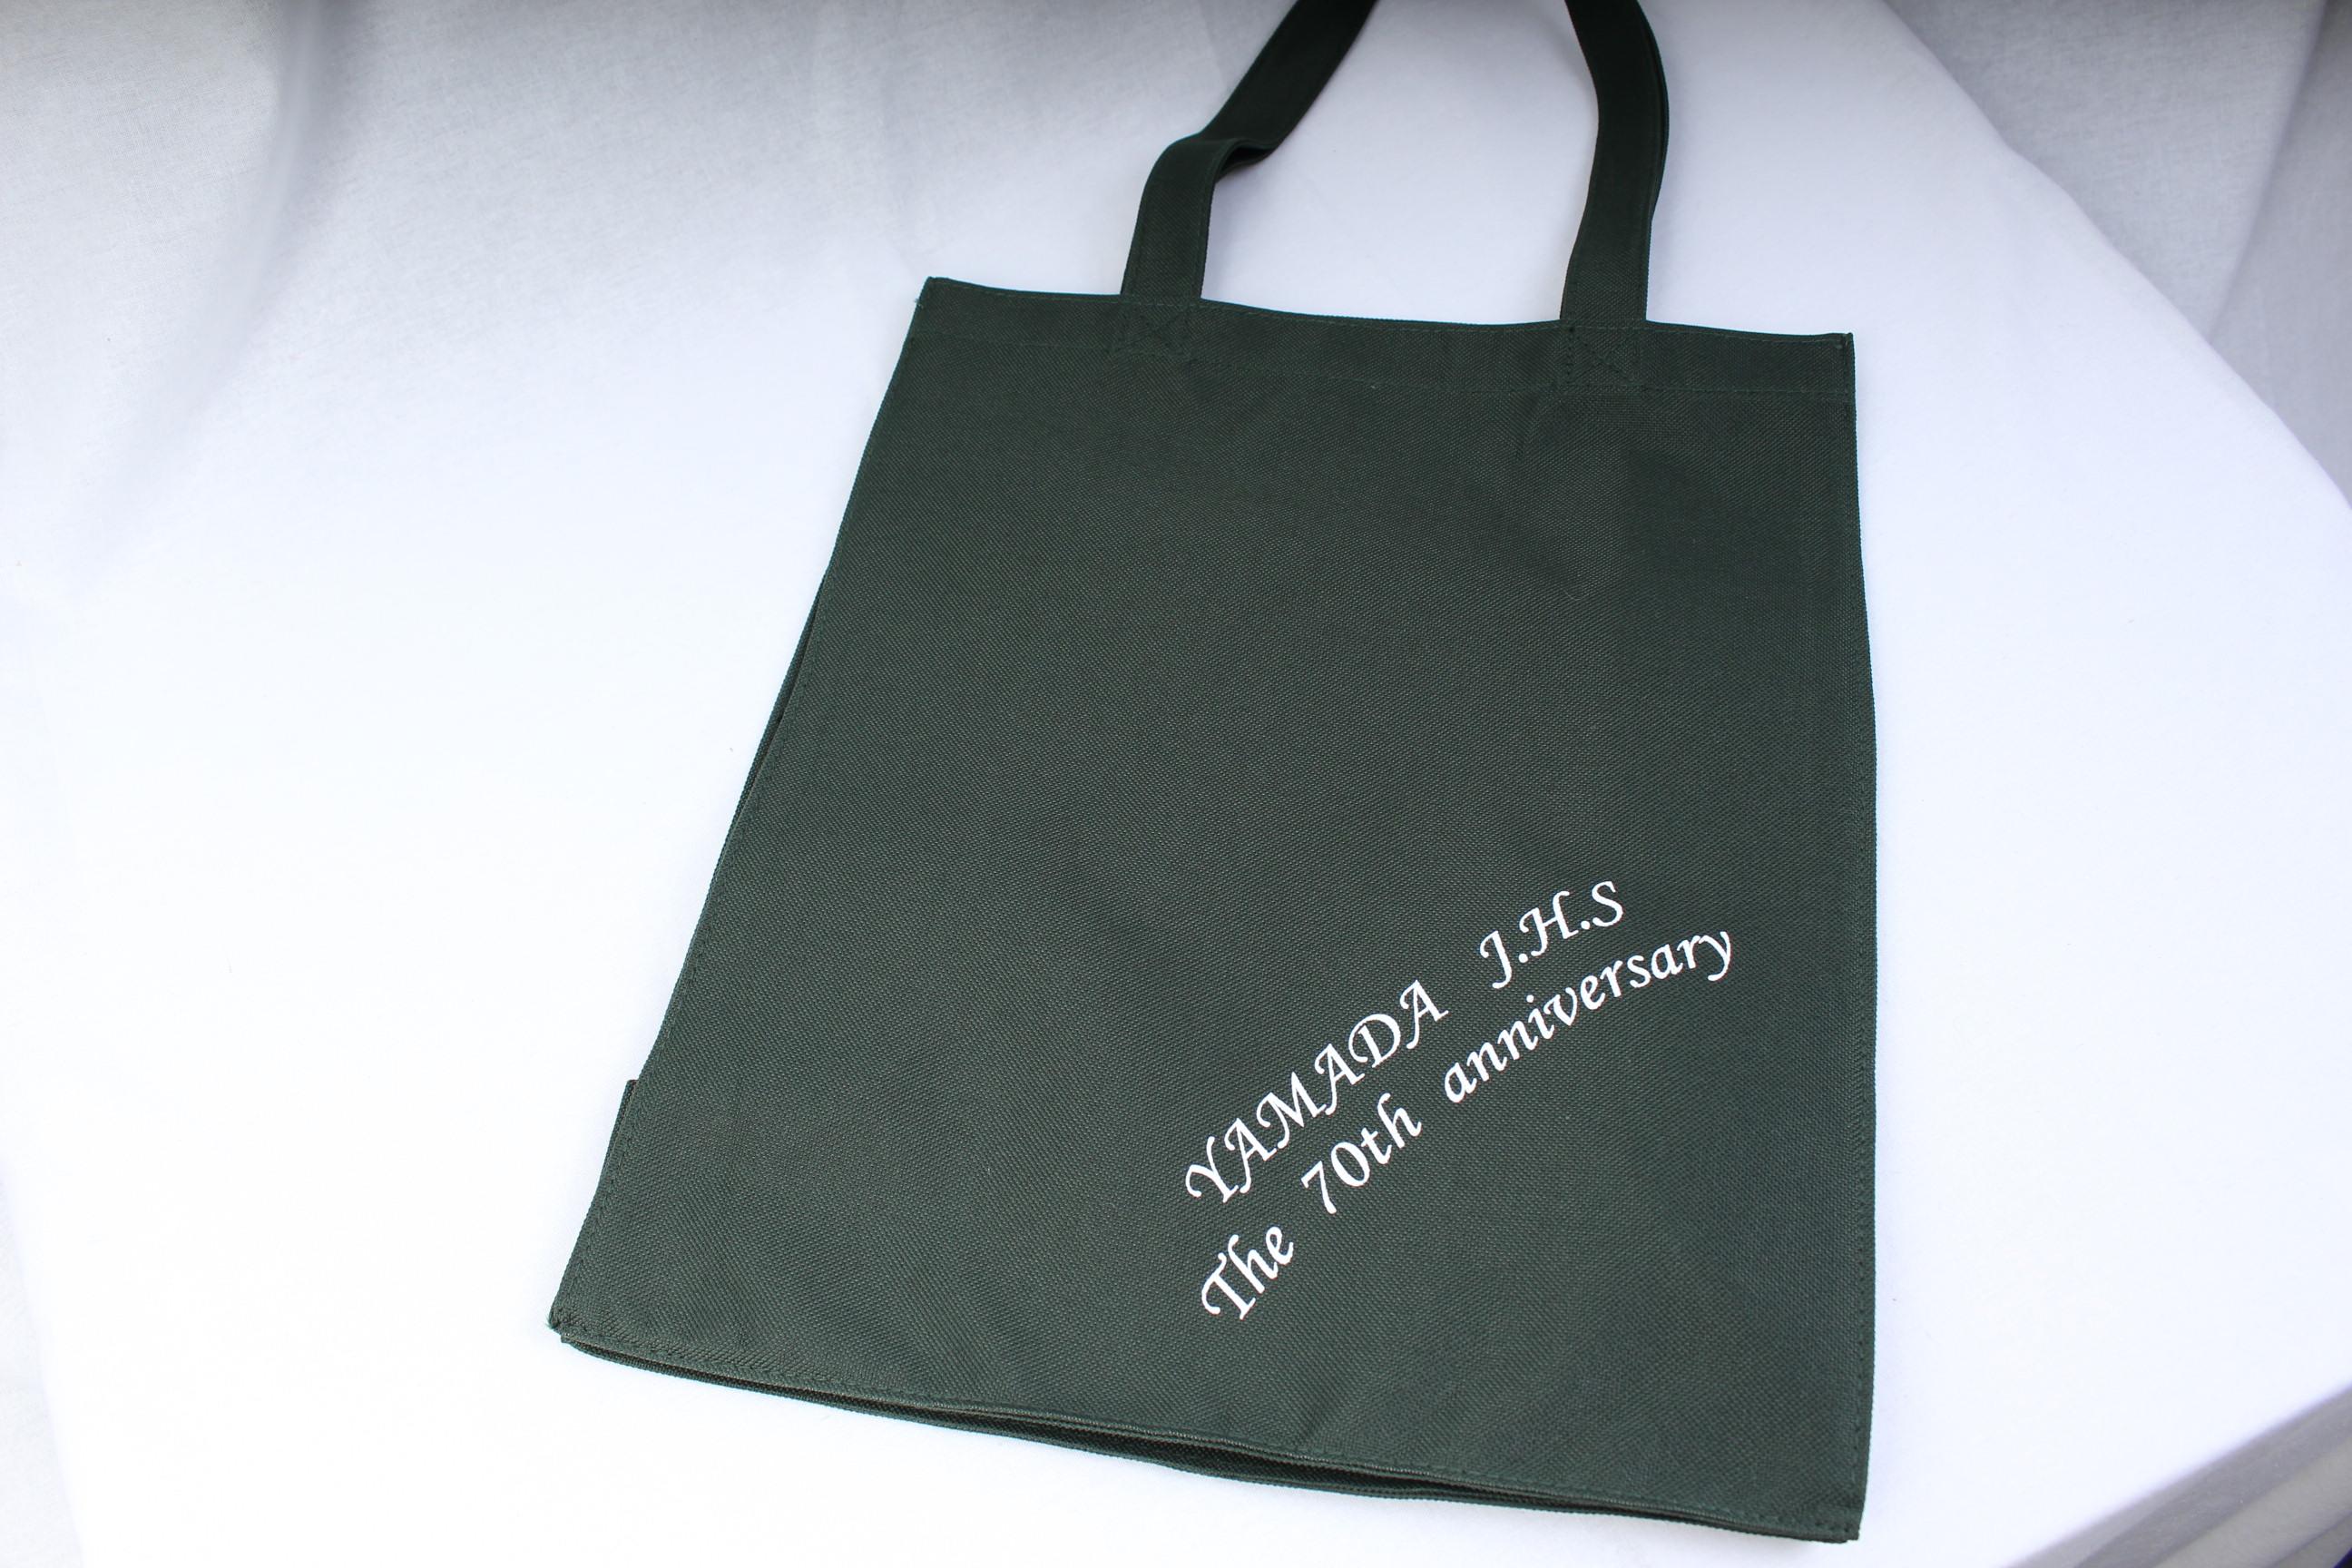 大阪府の市立中学校様のオリジナルトートバッグ